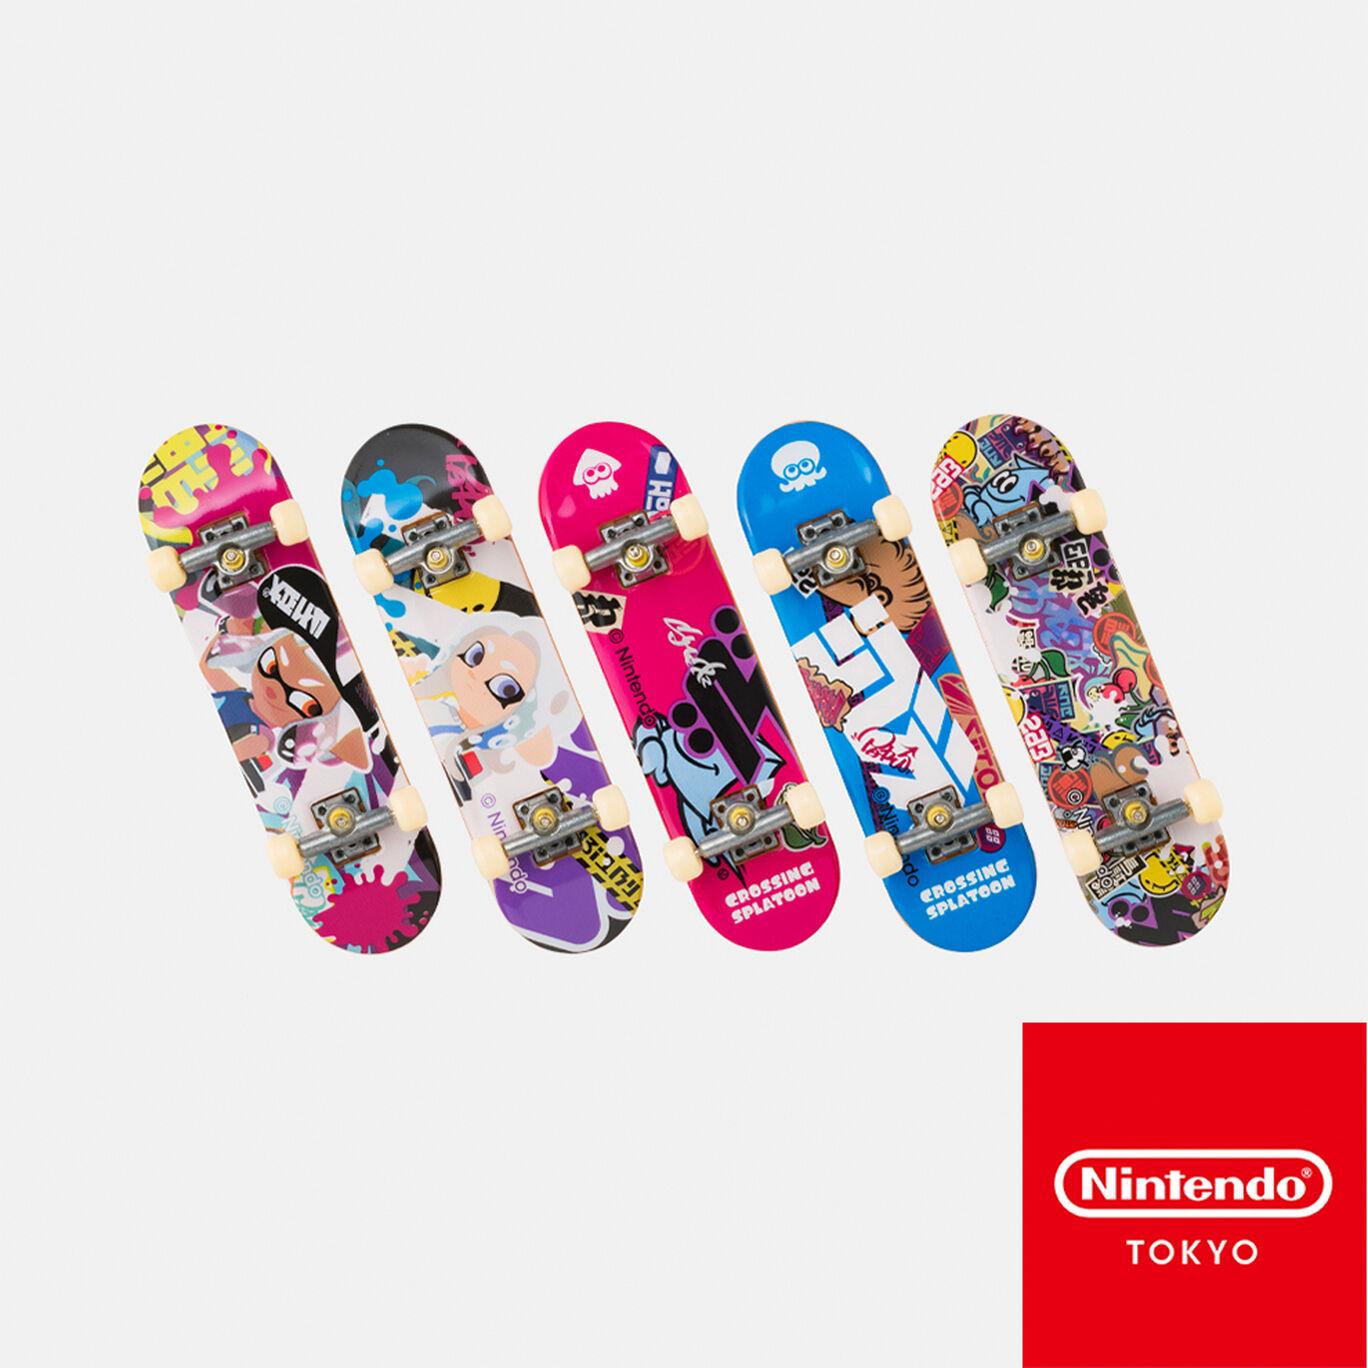 【単品】フィンガーボードコレクション CROSSING SPLATOON【Nintendo TOKYO取り扱い商品】